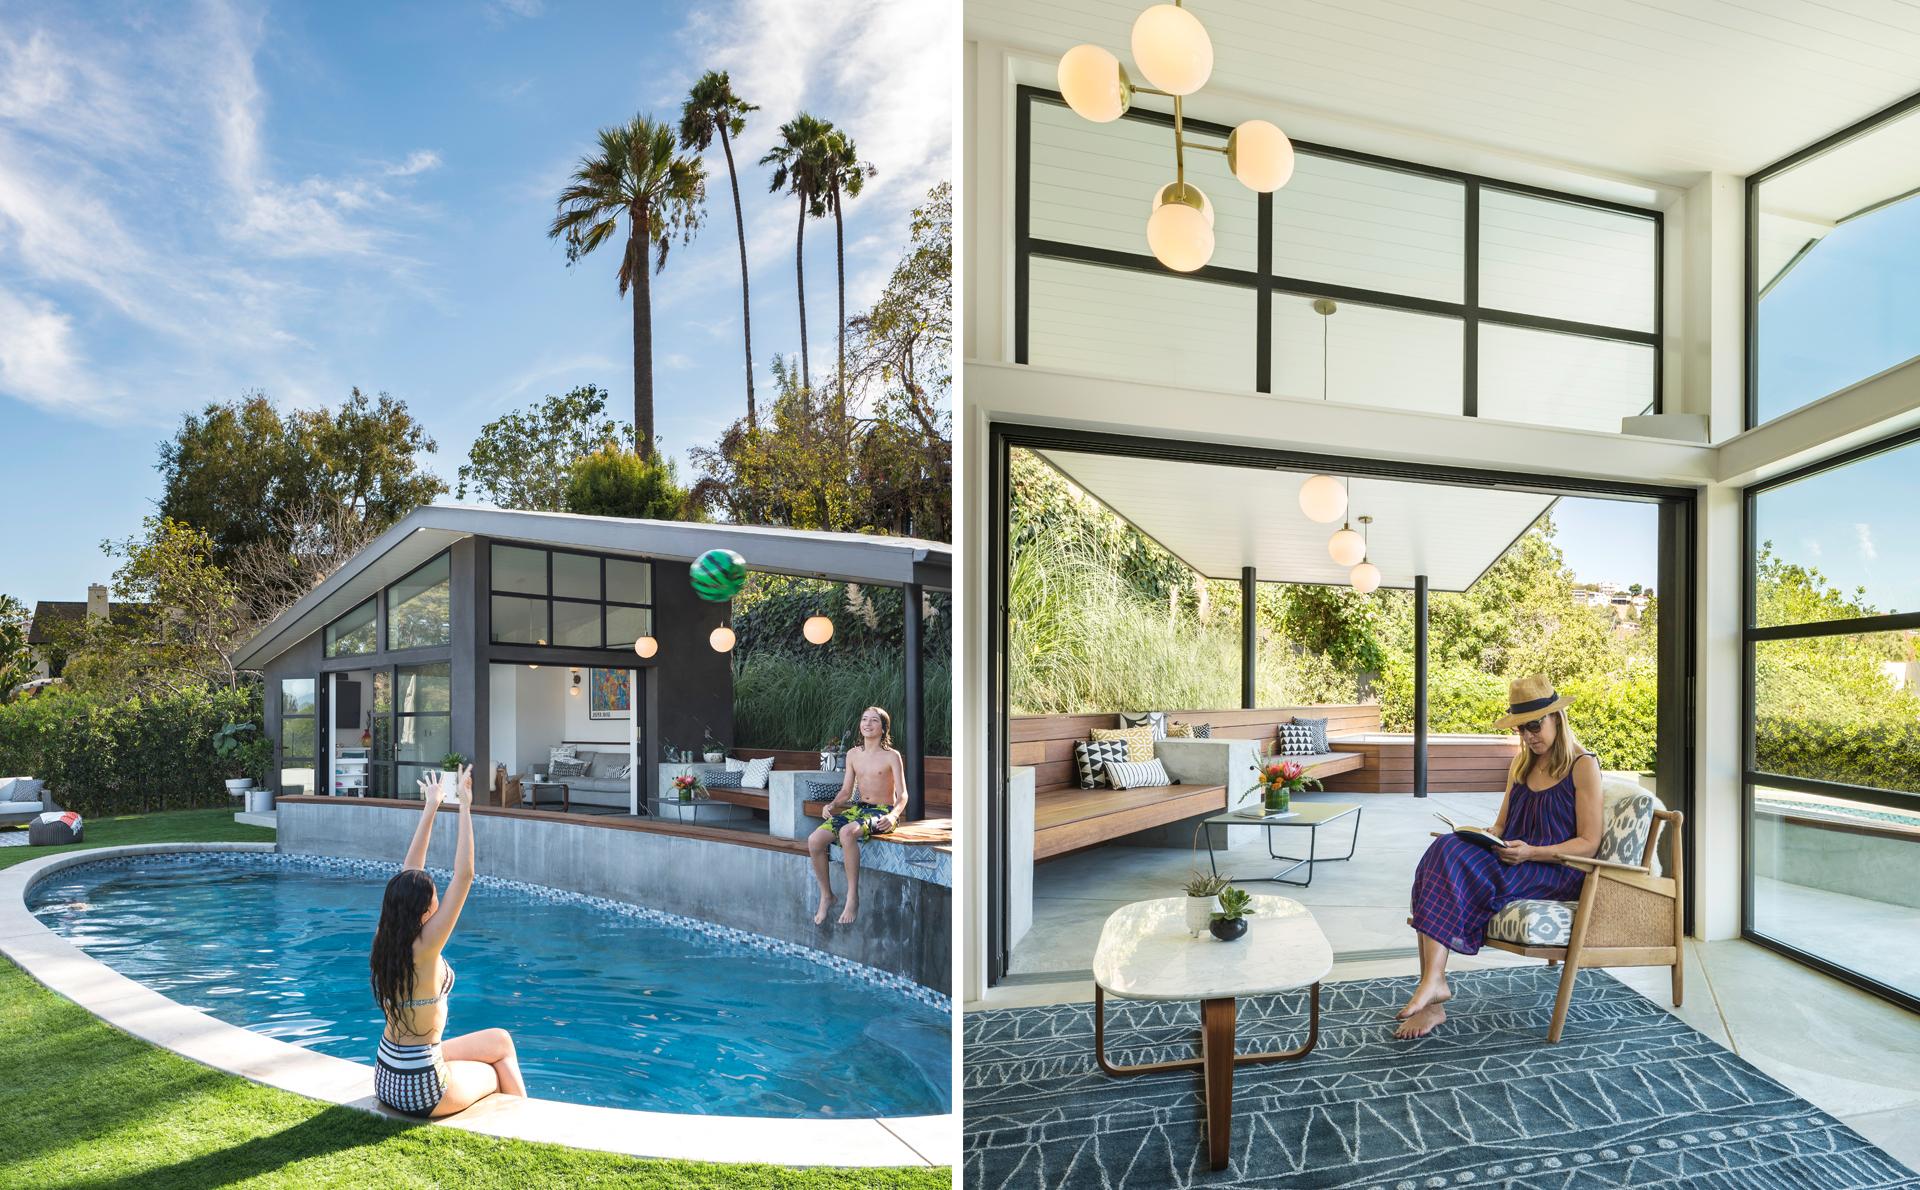 Los Feliz Pool House